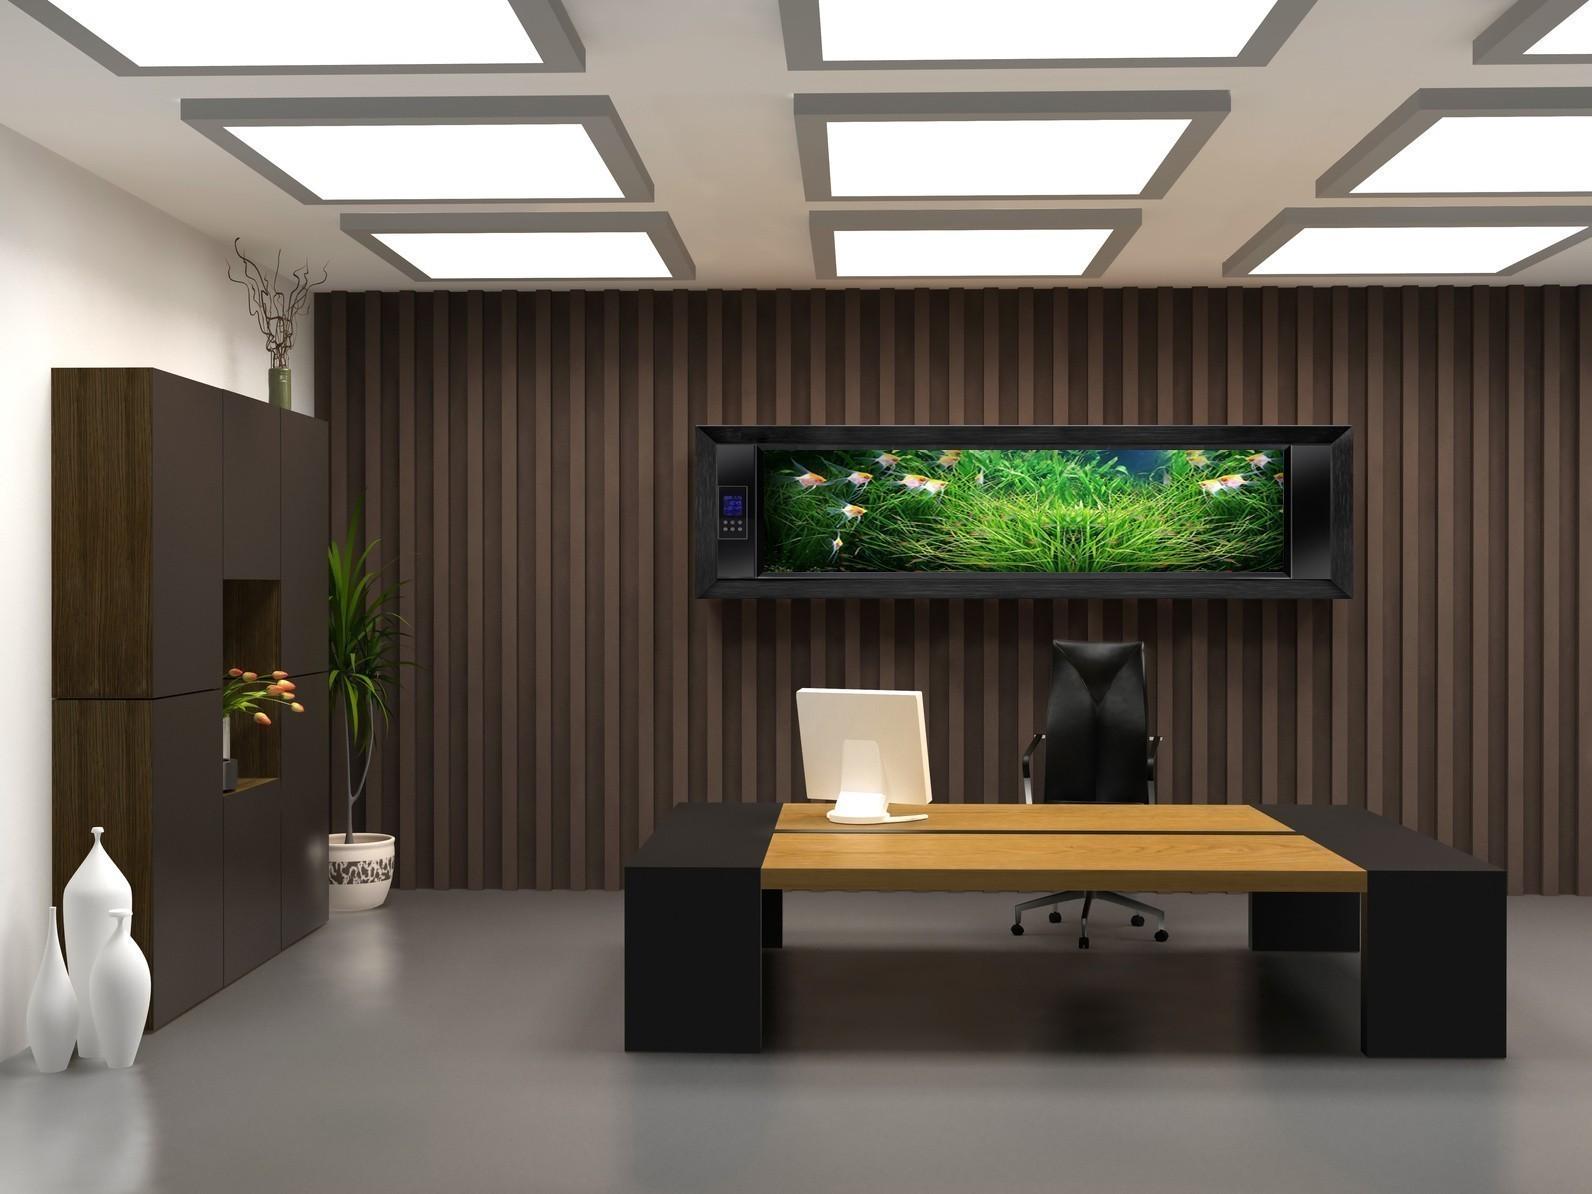 Дизайн и стили интерьера в современных офисах (1 фото)